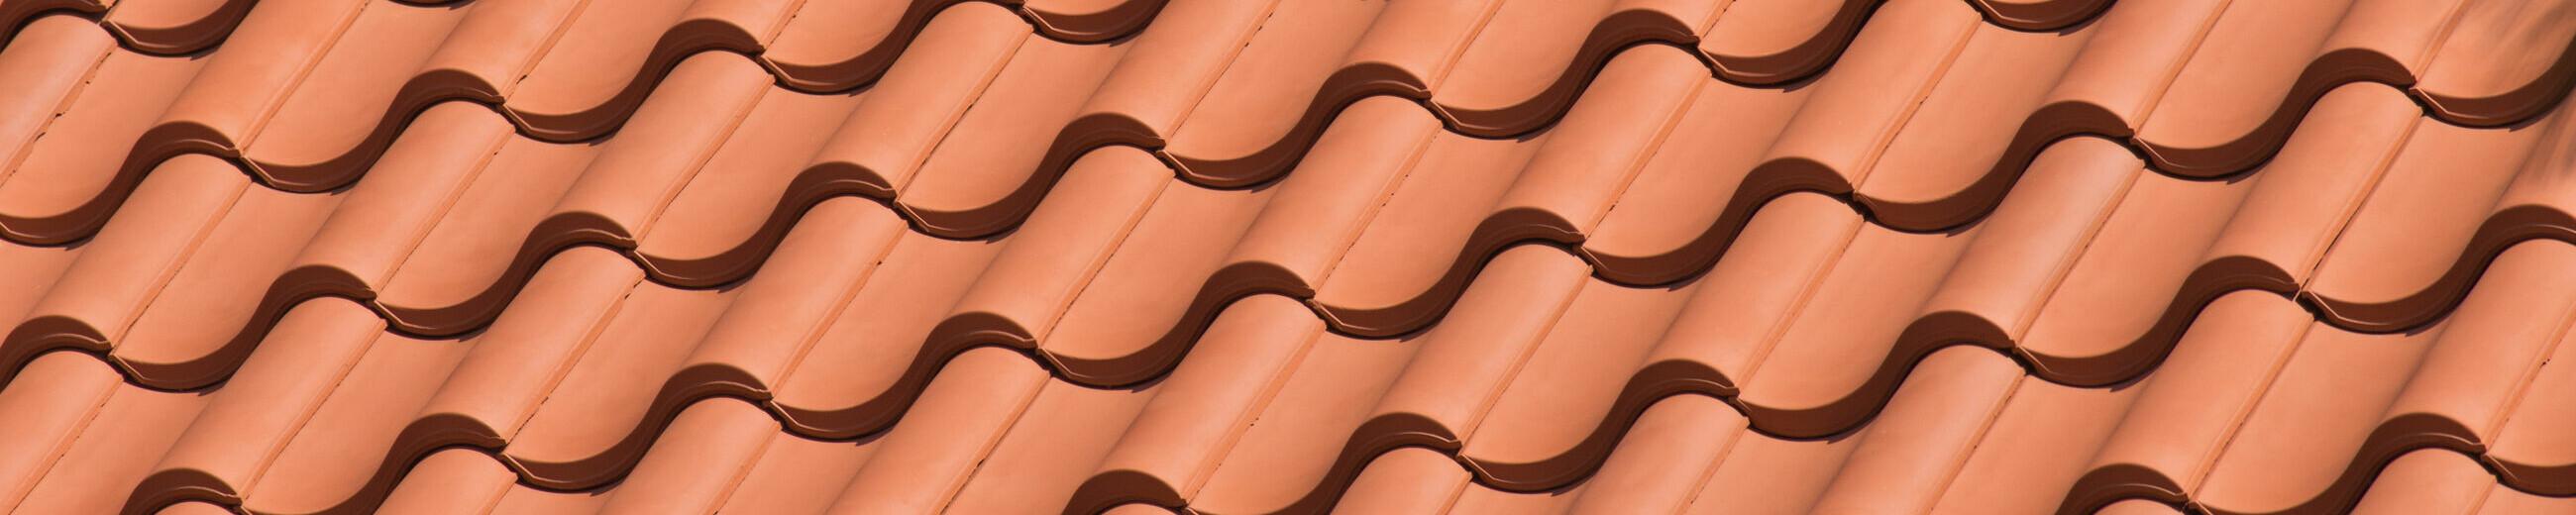 Dachówka ceramiczna SNFONIE